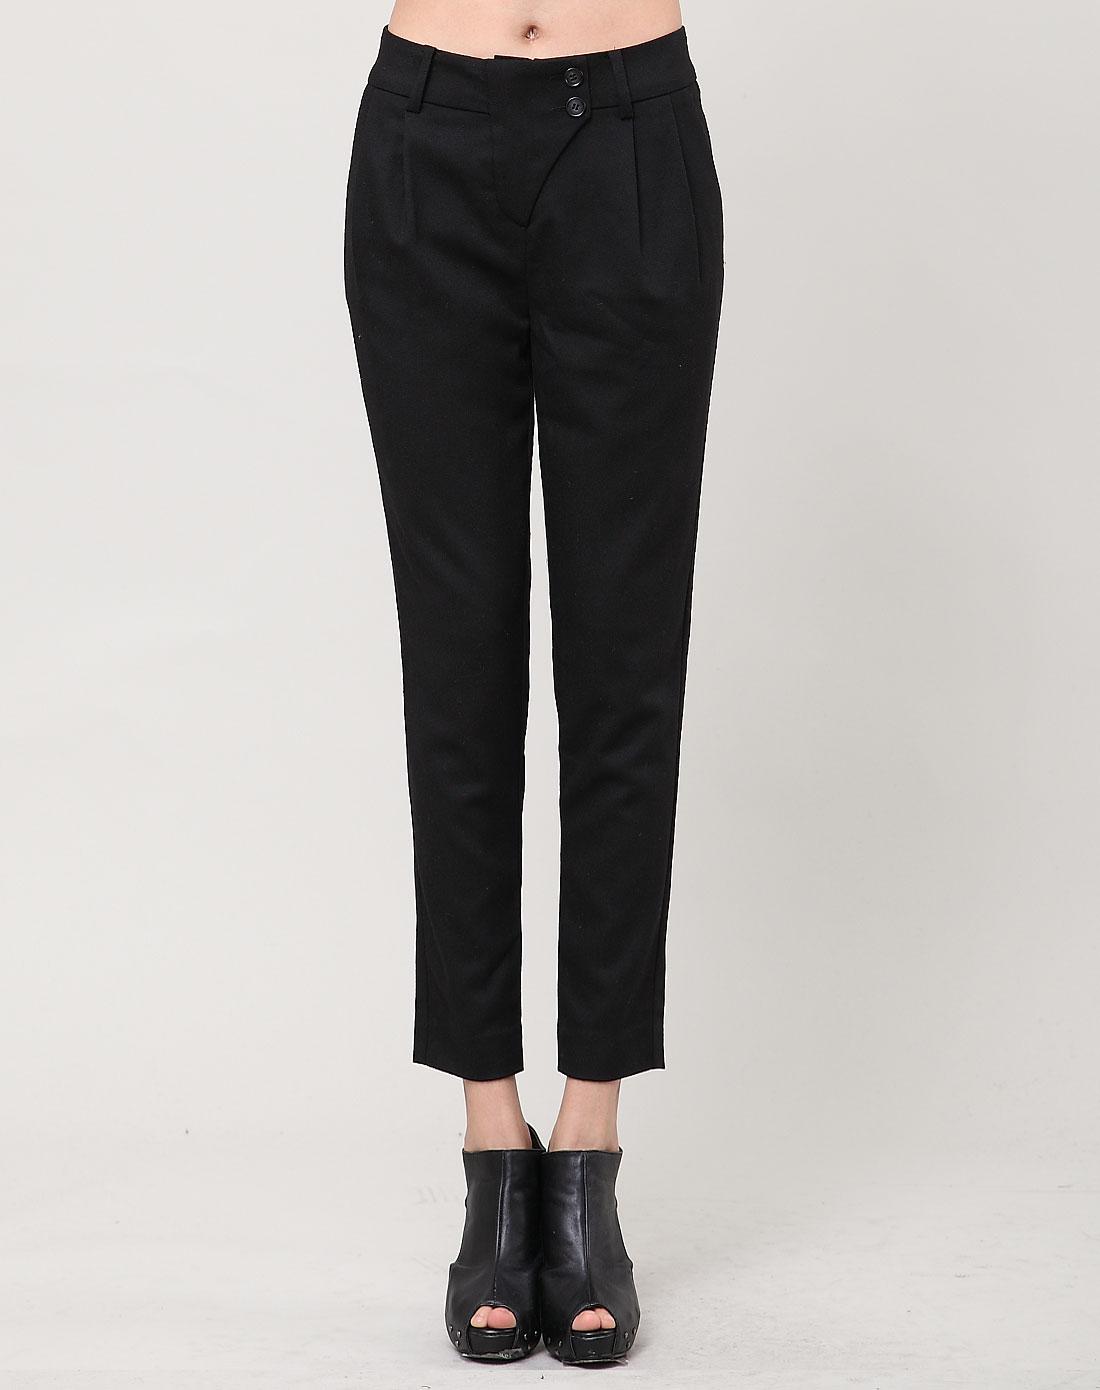 女性日记lady's diary黑色裤子342460101